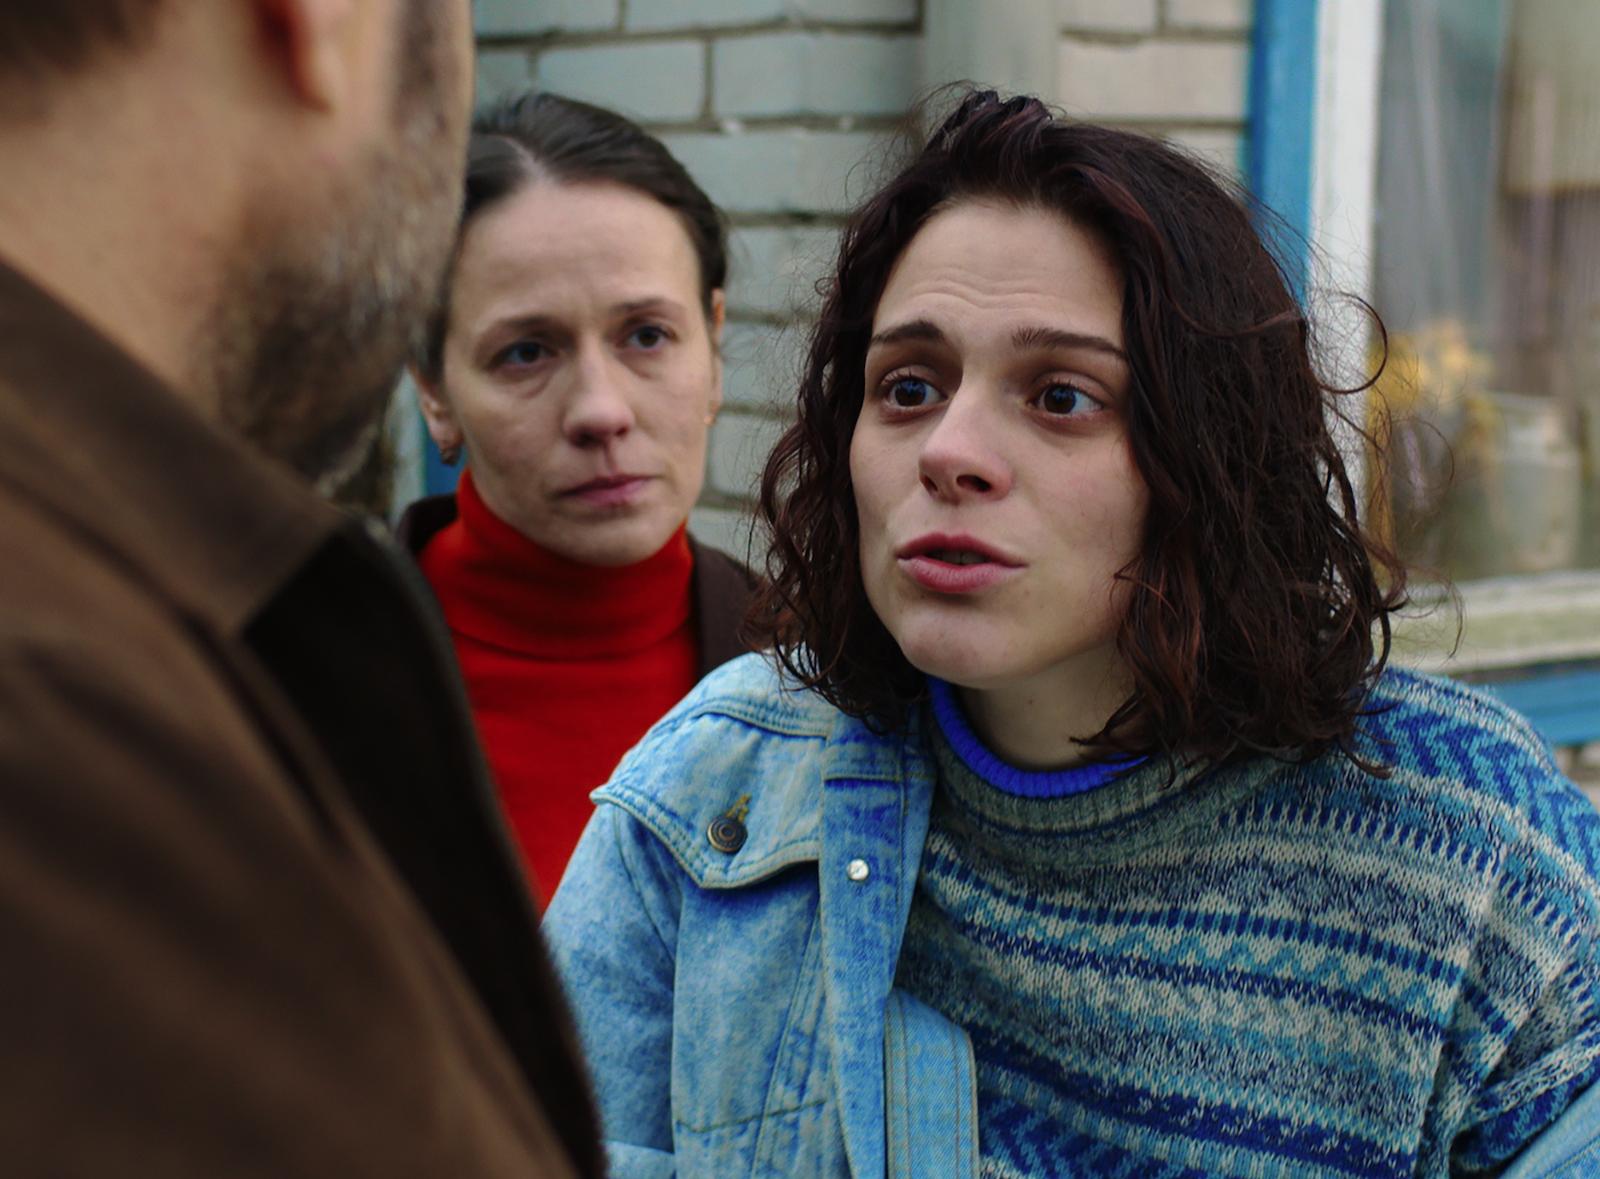 Darya Zhovner as Ilana and Olga Dragunova as Adina in Closeness, 2017